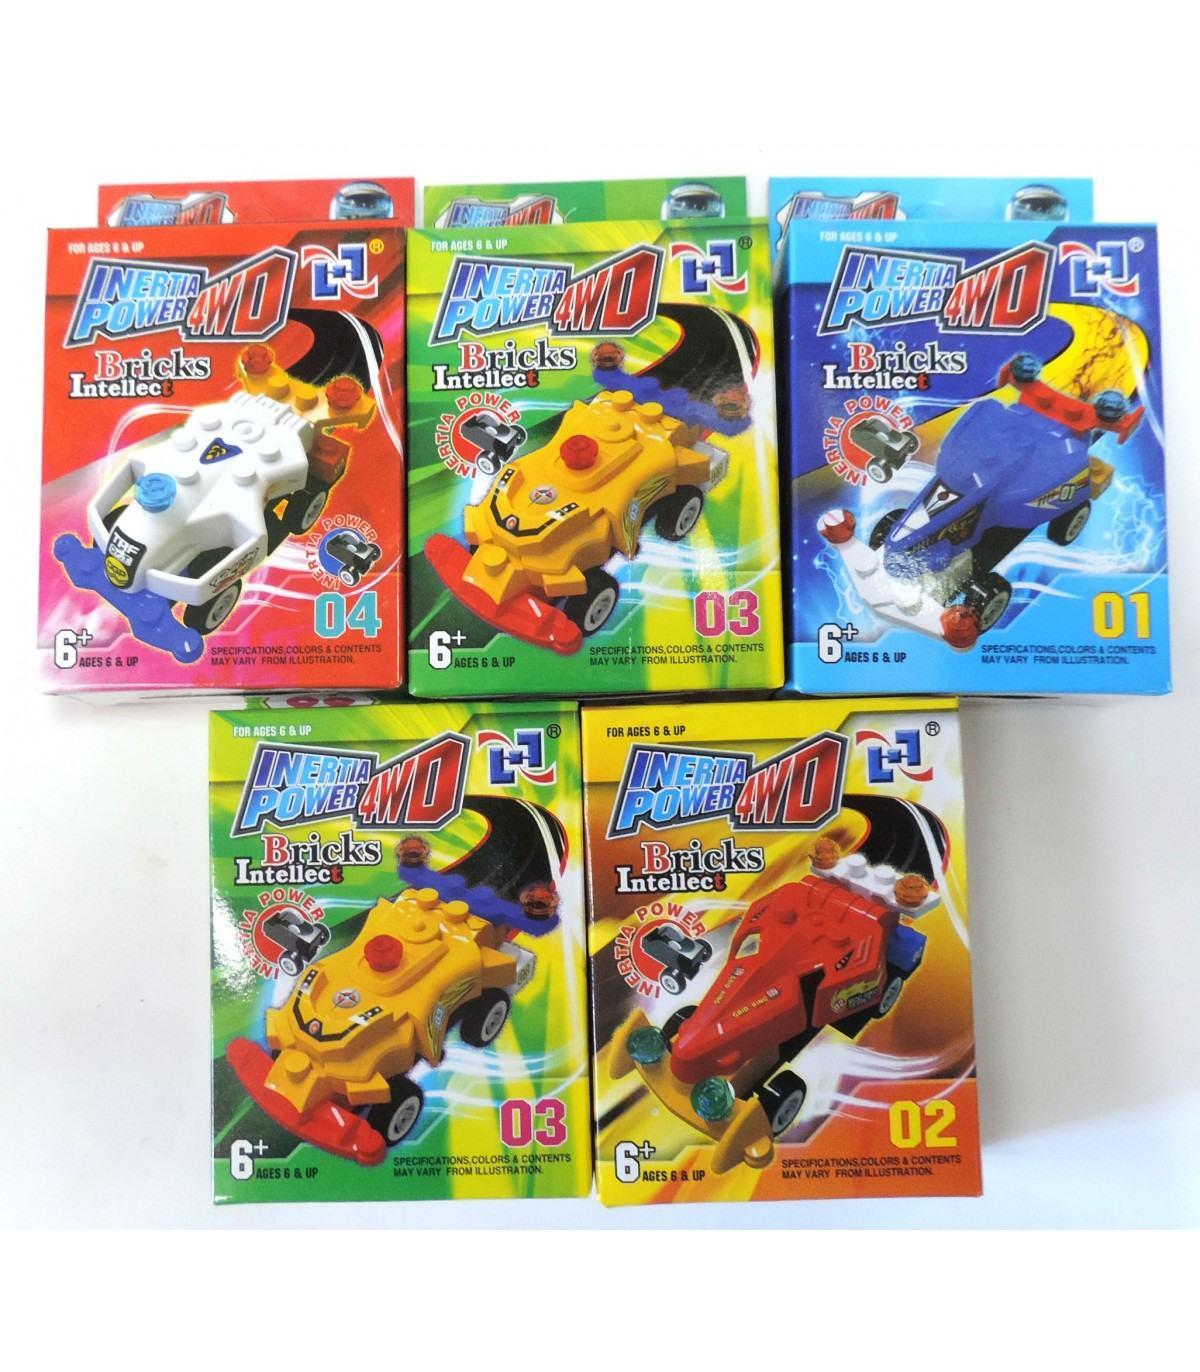 Фотография 1 товарной позиции интернет-магазина детских игрушек www.smarttoys.com.ua Конструктори, Машинки заводні